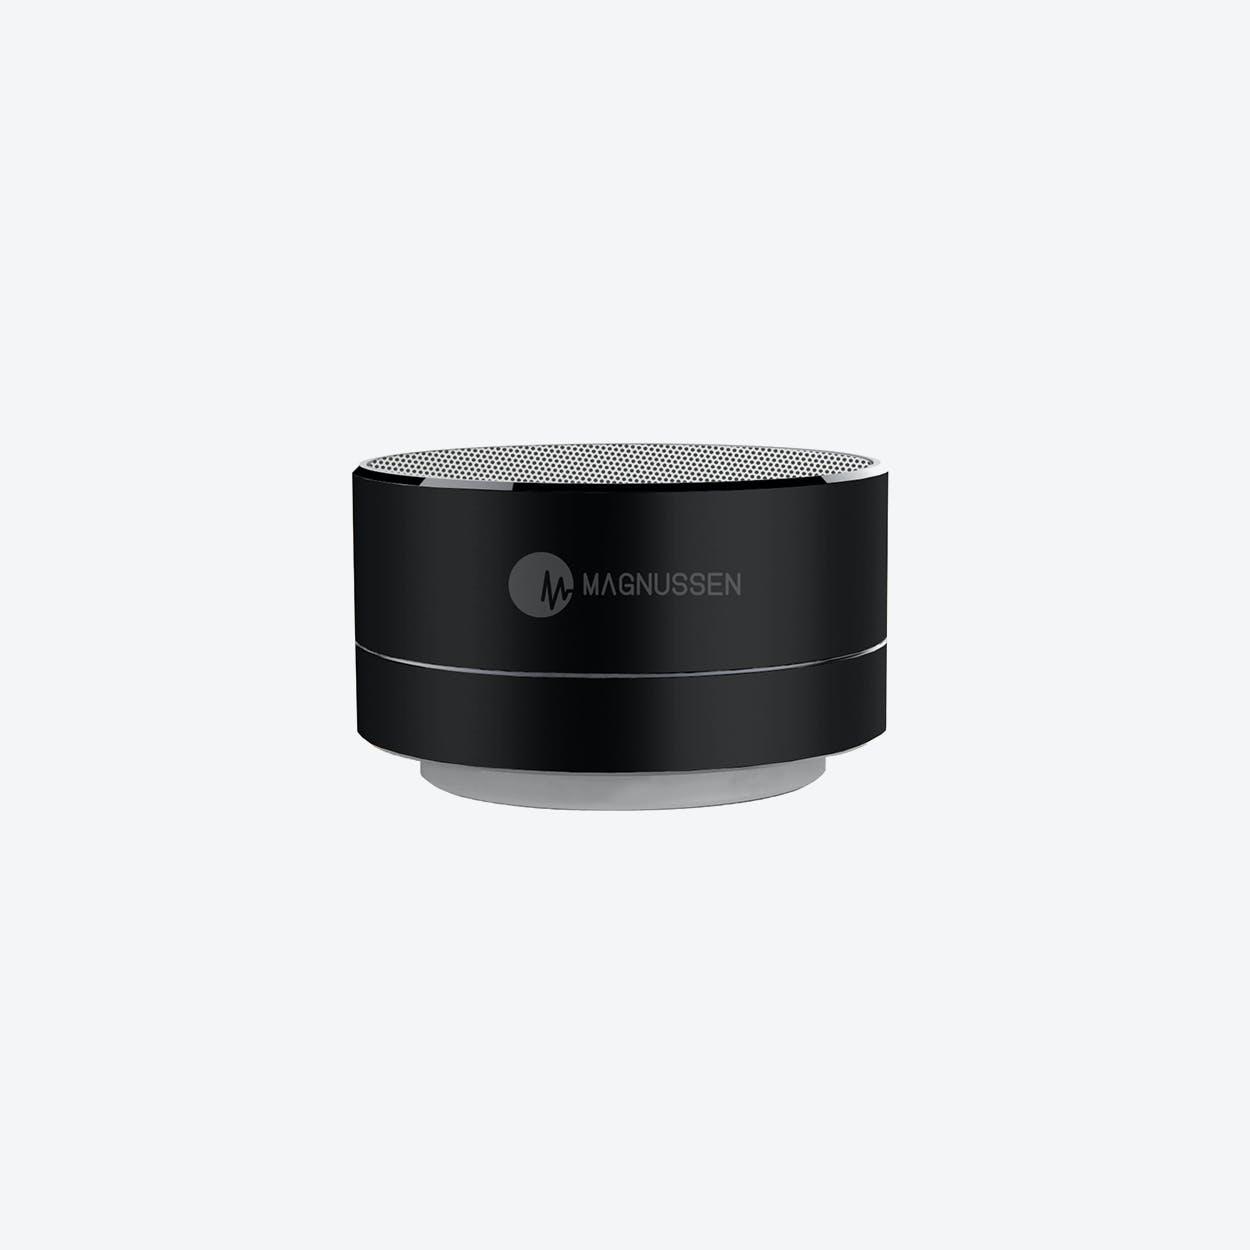 MAGNUSSEN S1 Bluetooth Wireless Speaker in Black